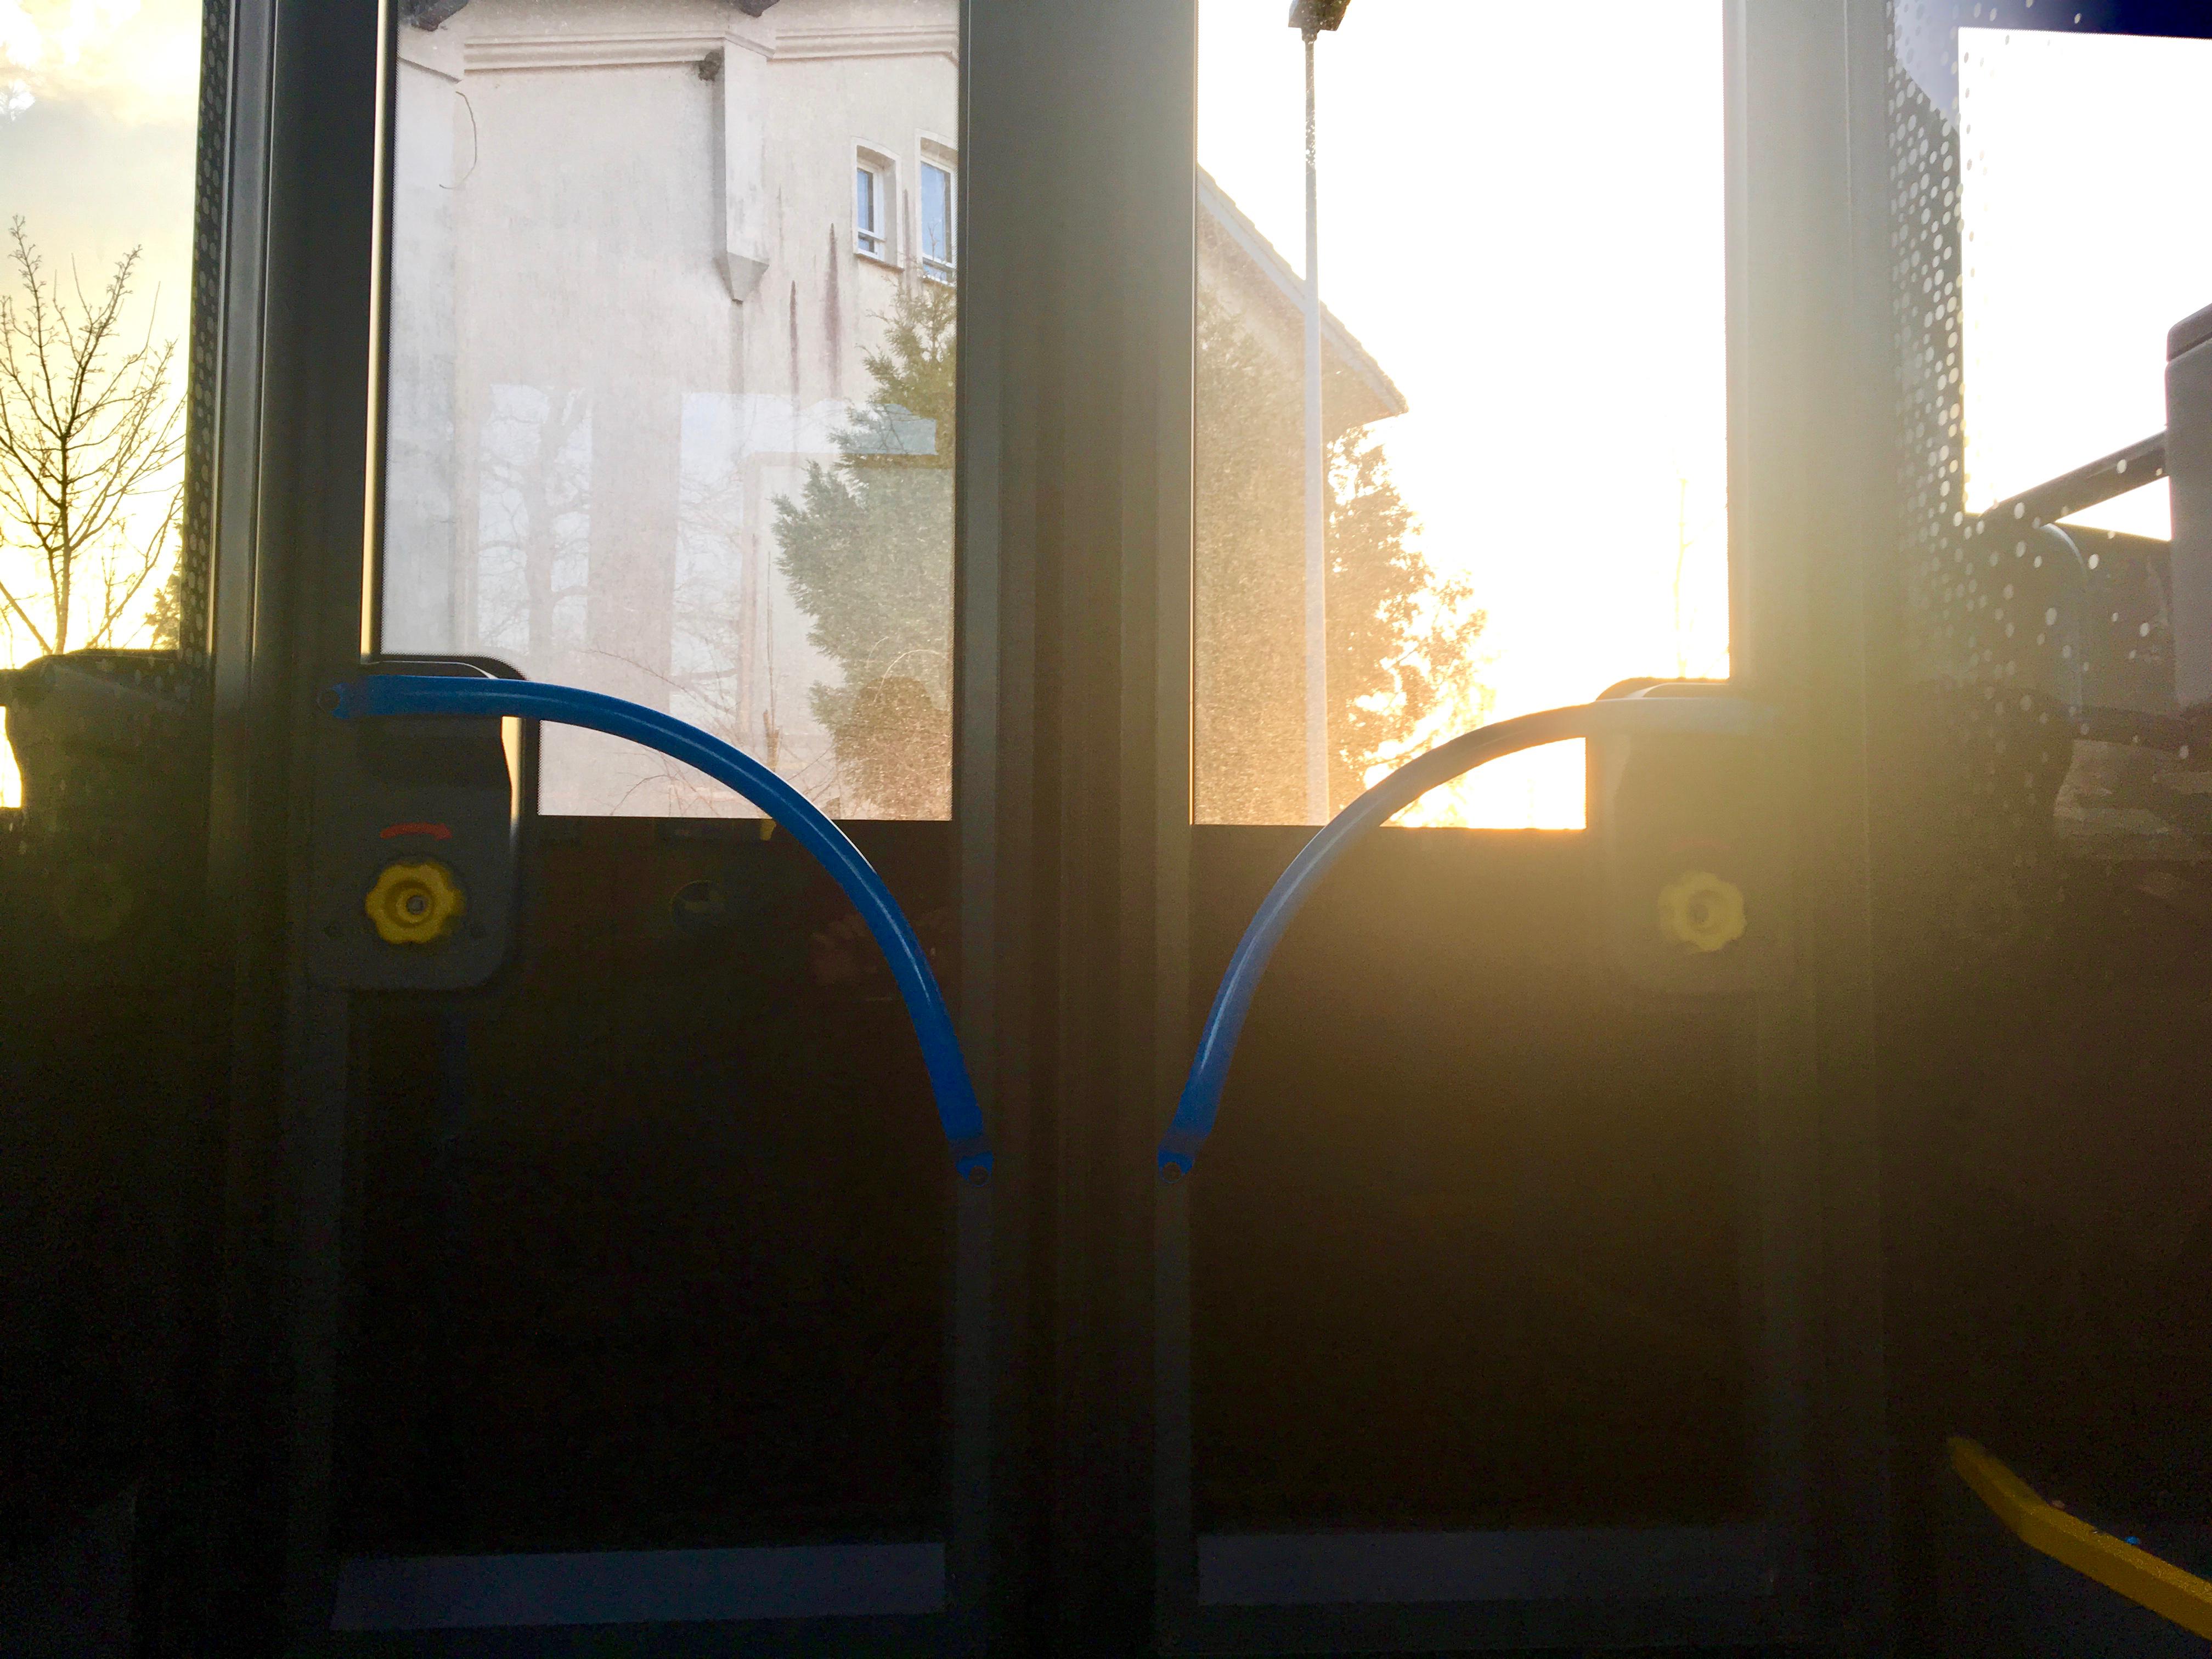 Die verschlossenen Türen eines Omnibusses von innen.